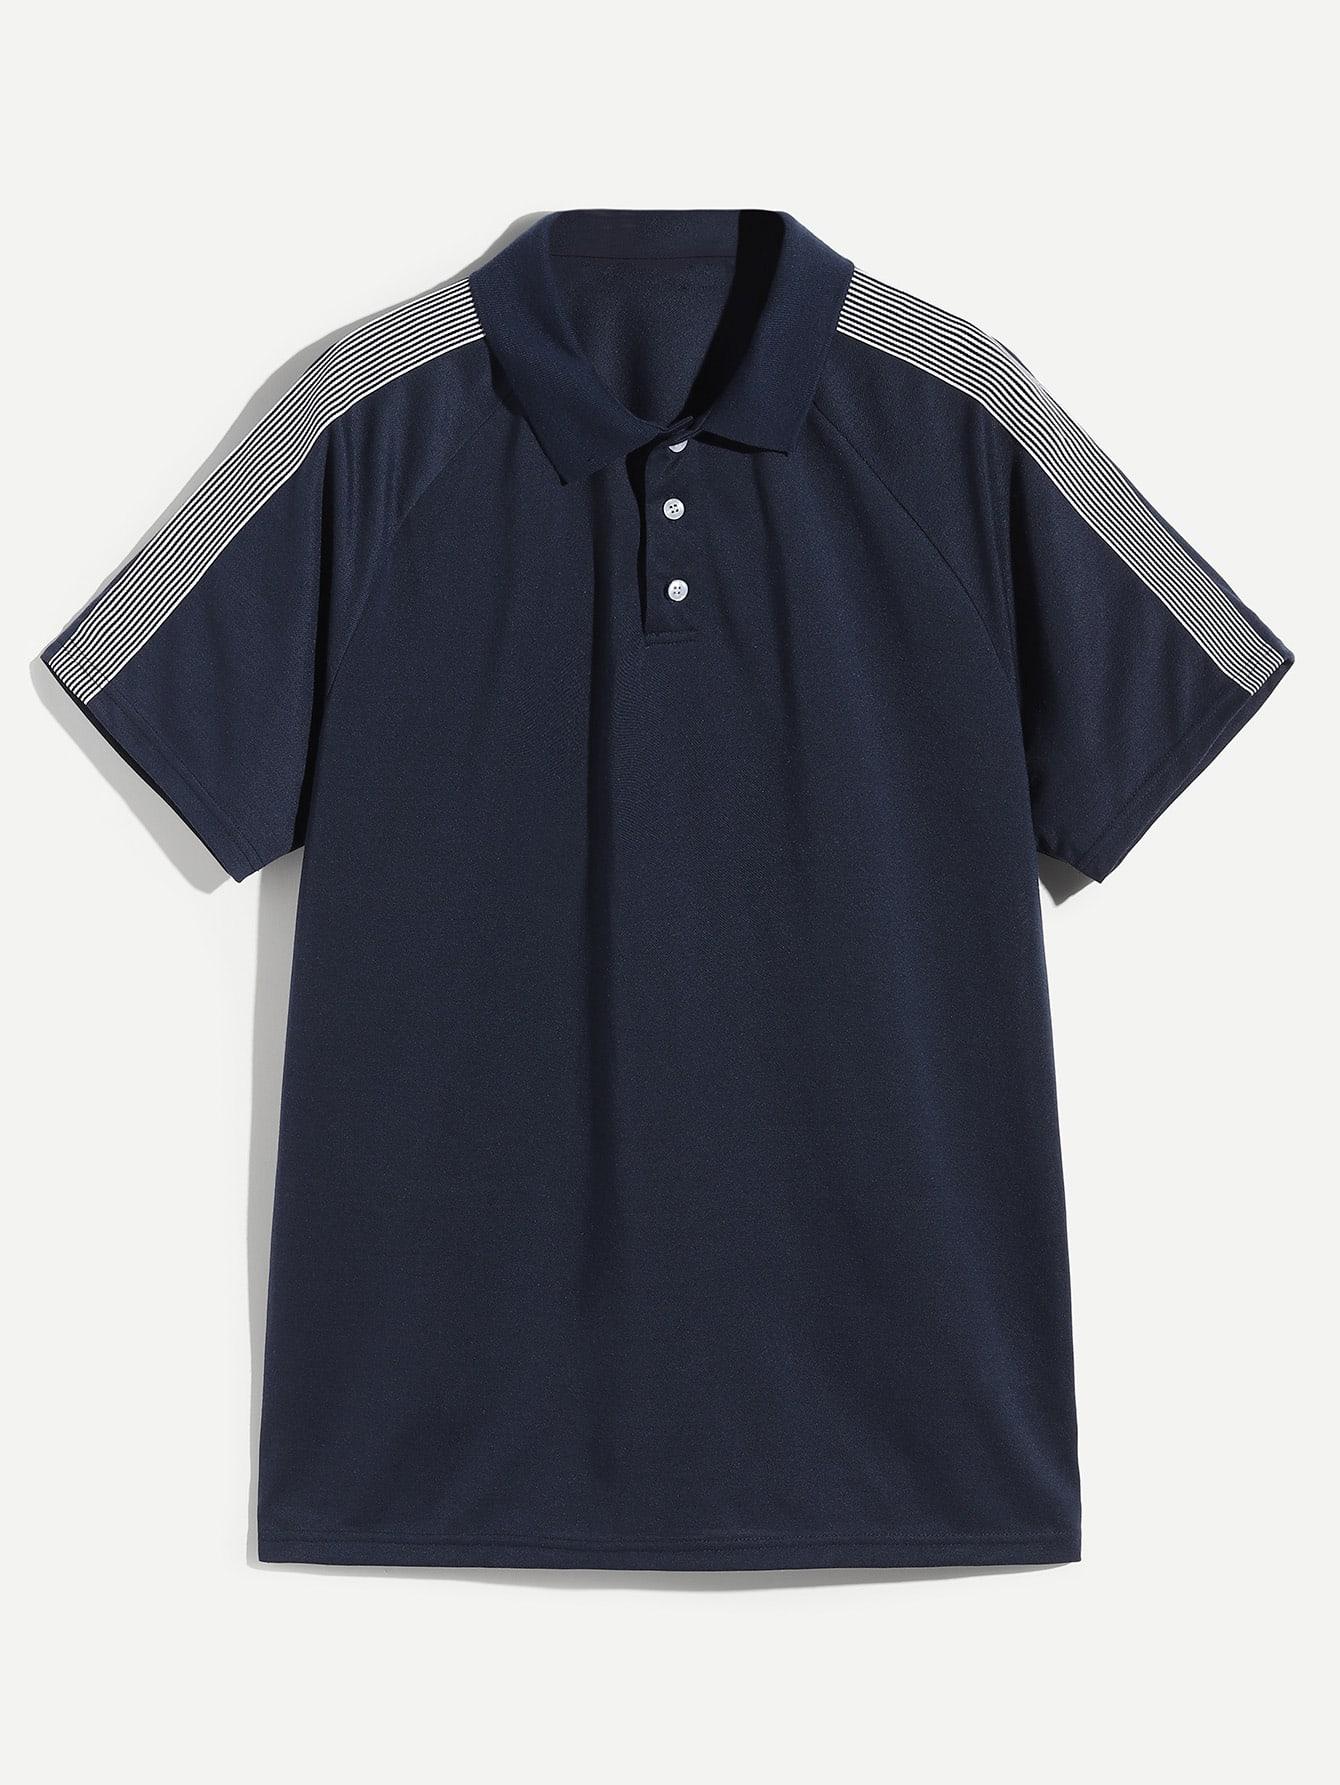 Купить Мужская контрастная поло рубашка, null, SheIn